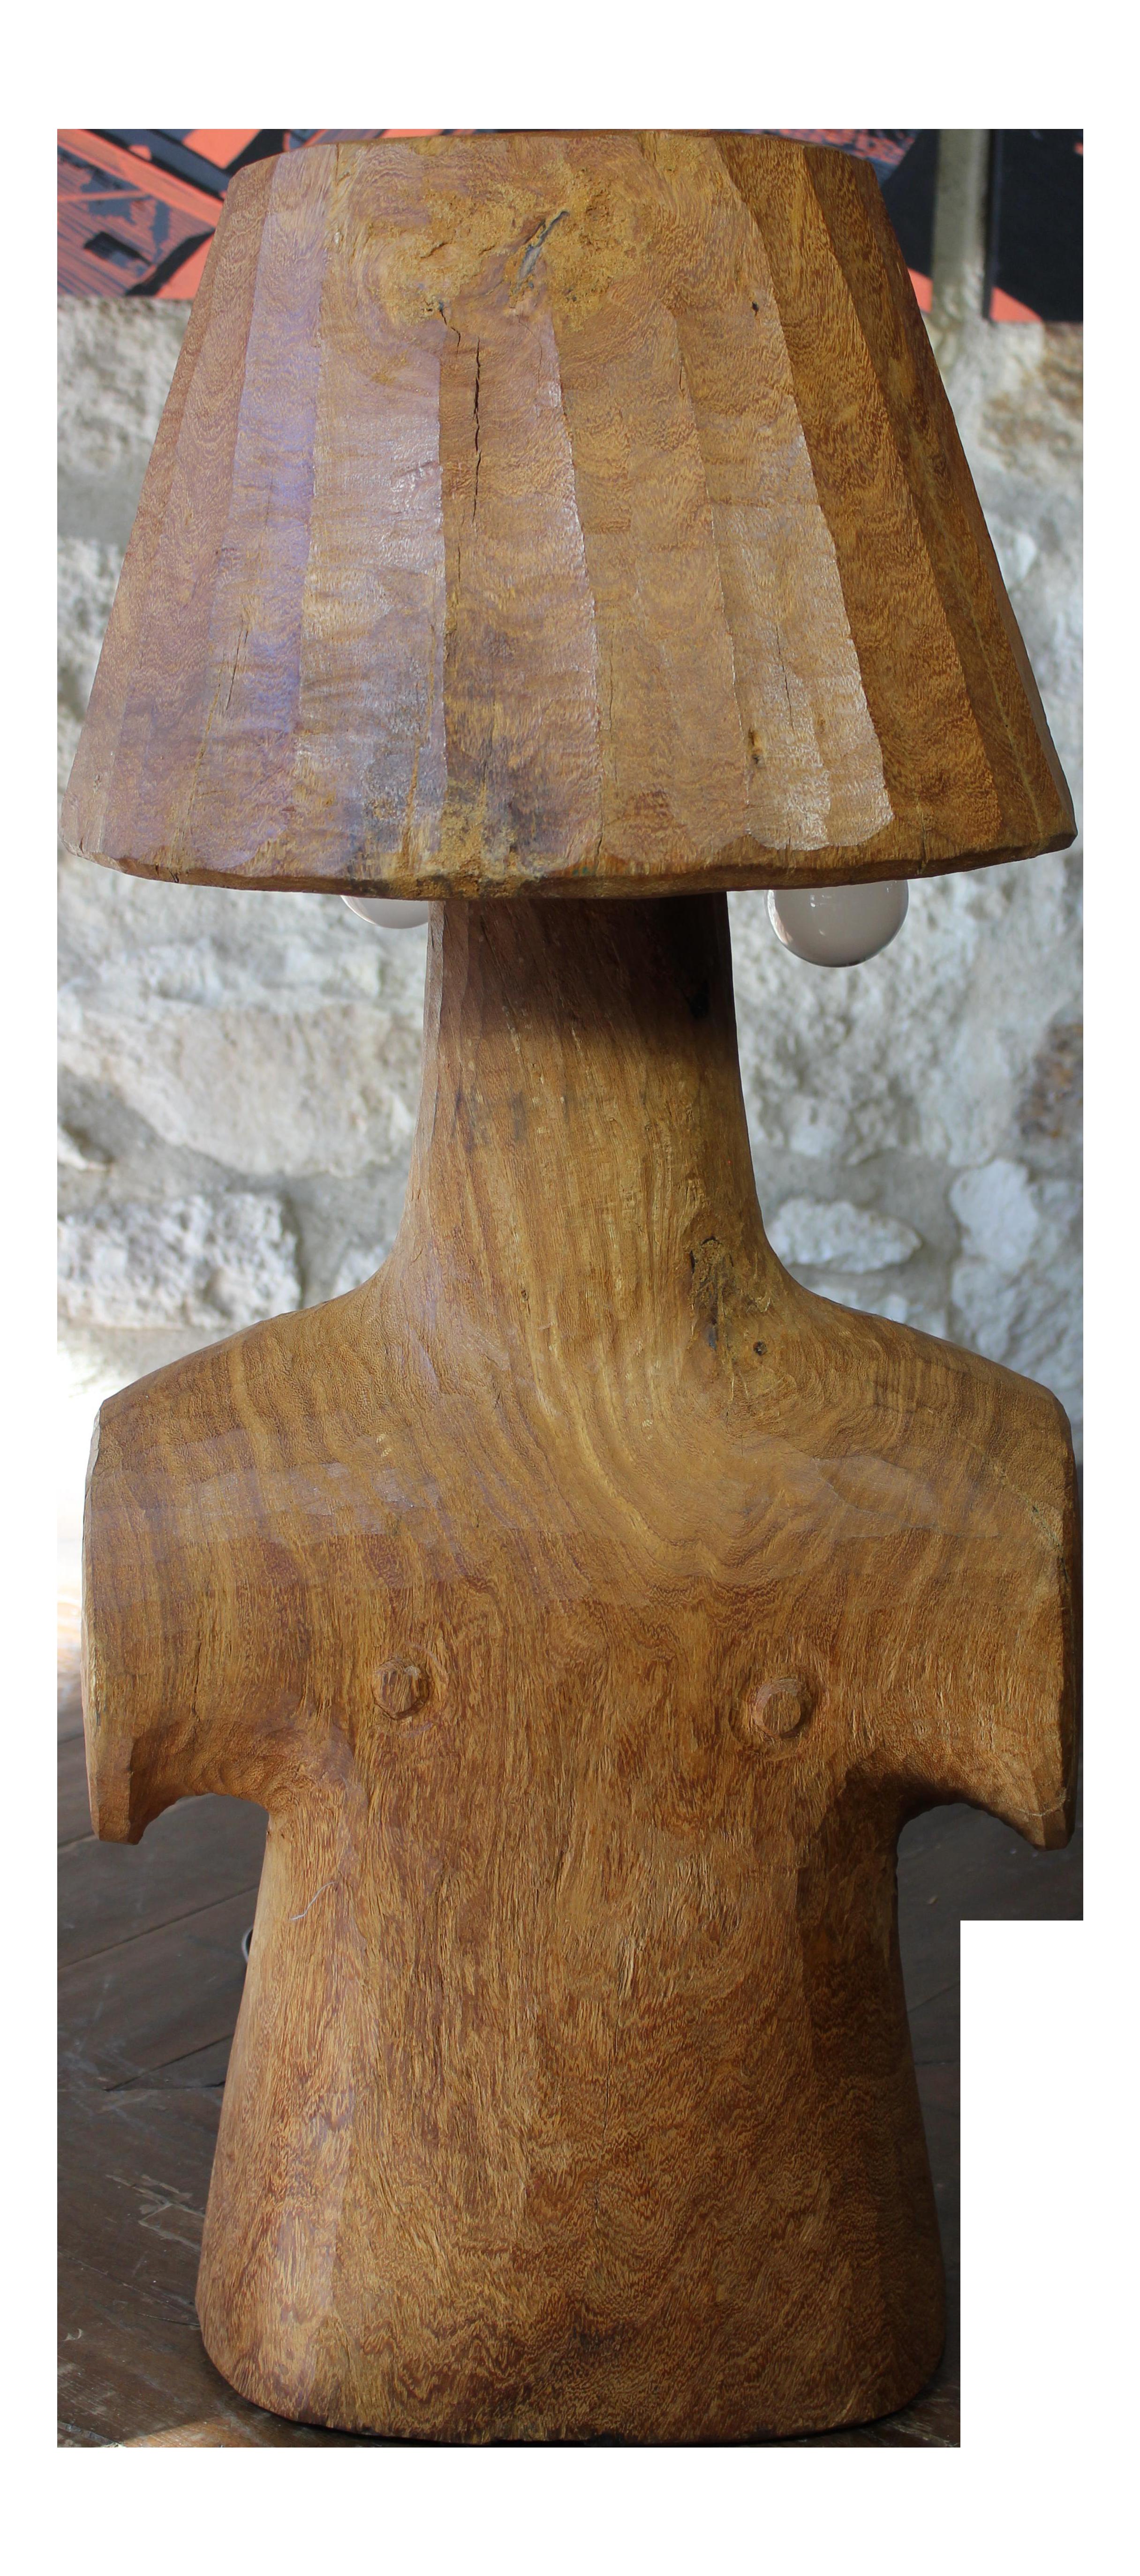 Vintage Short Wooden Torso Form Table Lamp